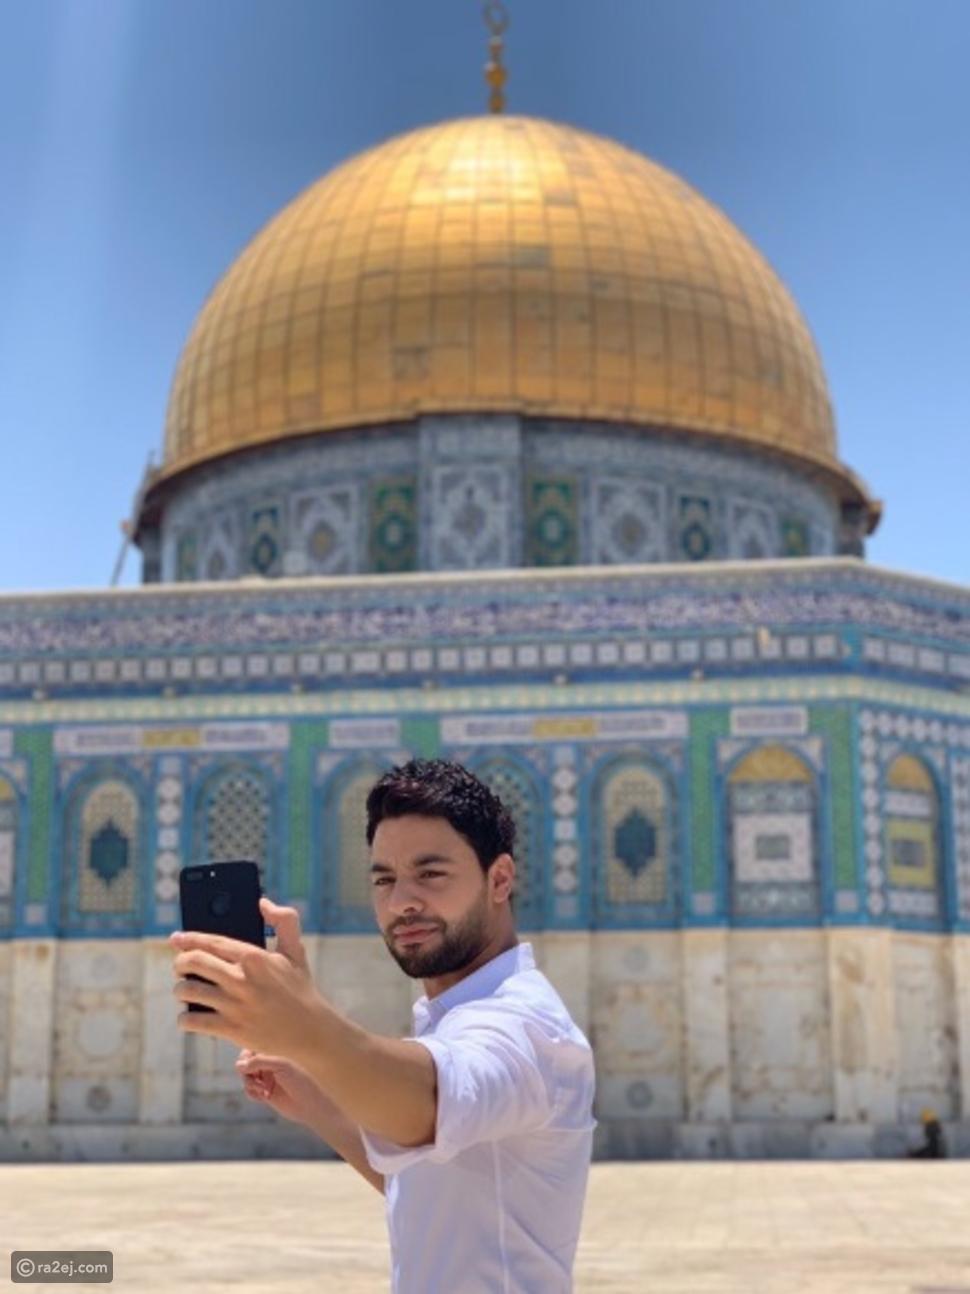 نجوم الفن يتضامنون مع أحداث فلسطين: كلنا معكم يا أبناء الكرامة